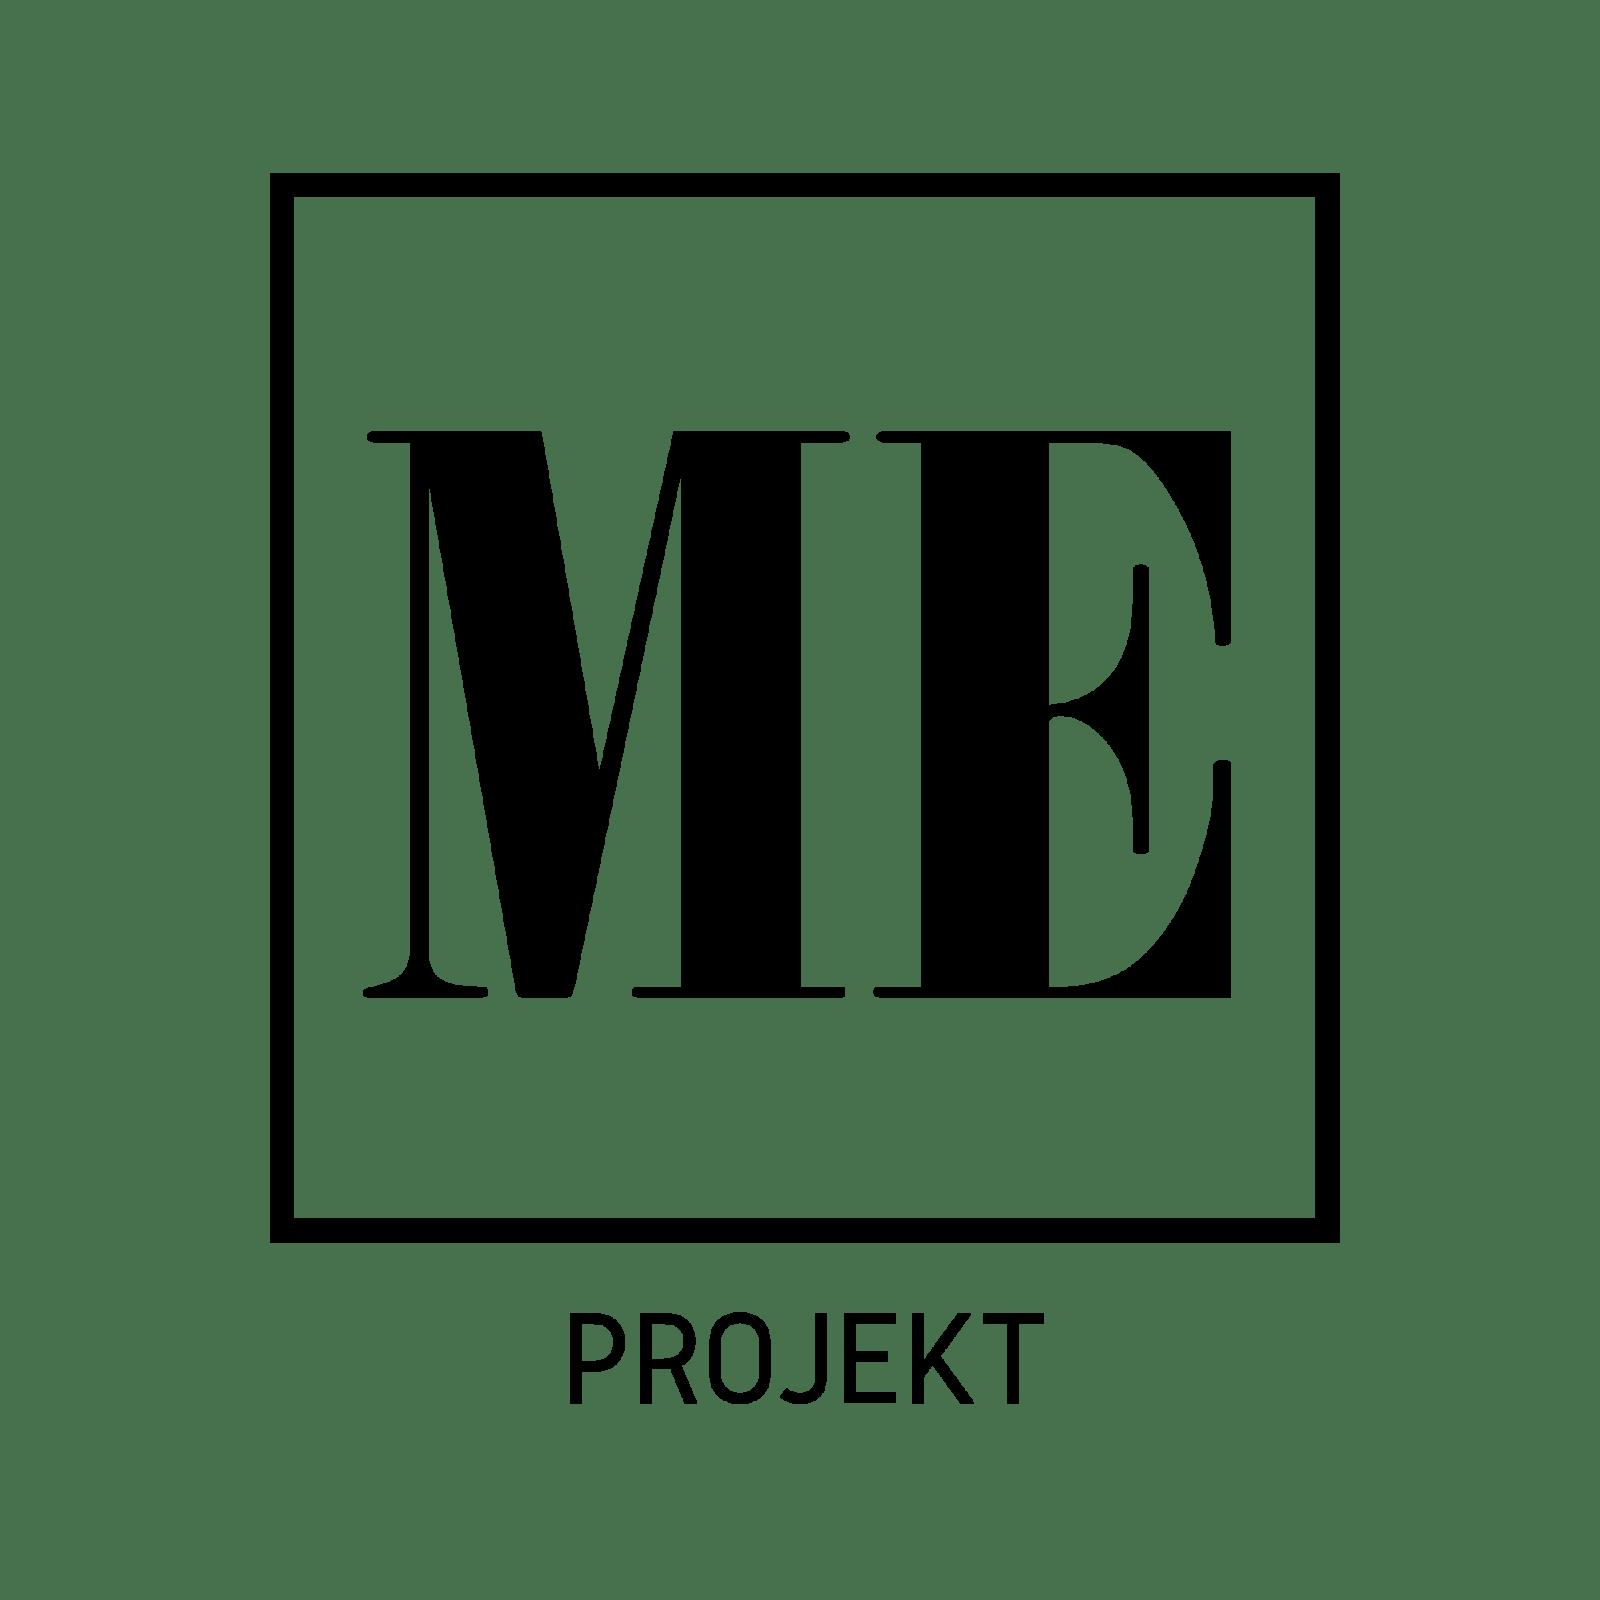 projektME - Biuro Nieruchomości Goleniów, Mieszkania, Domy, Działki Lokale, Obsługa wynajmu, Zarządzanie najmem